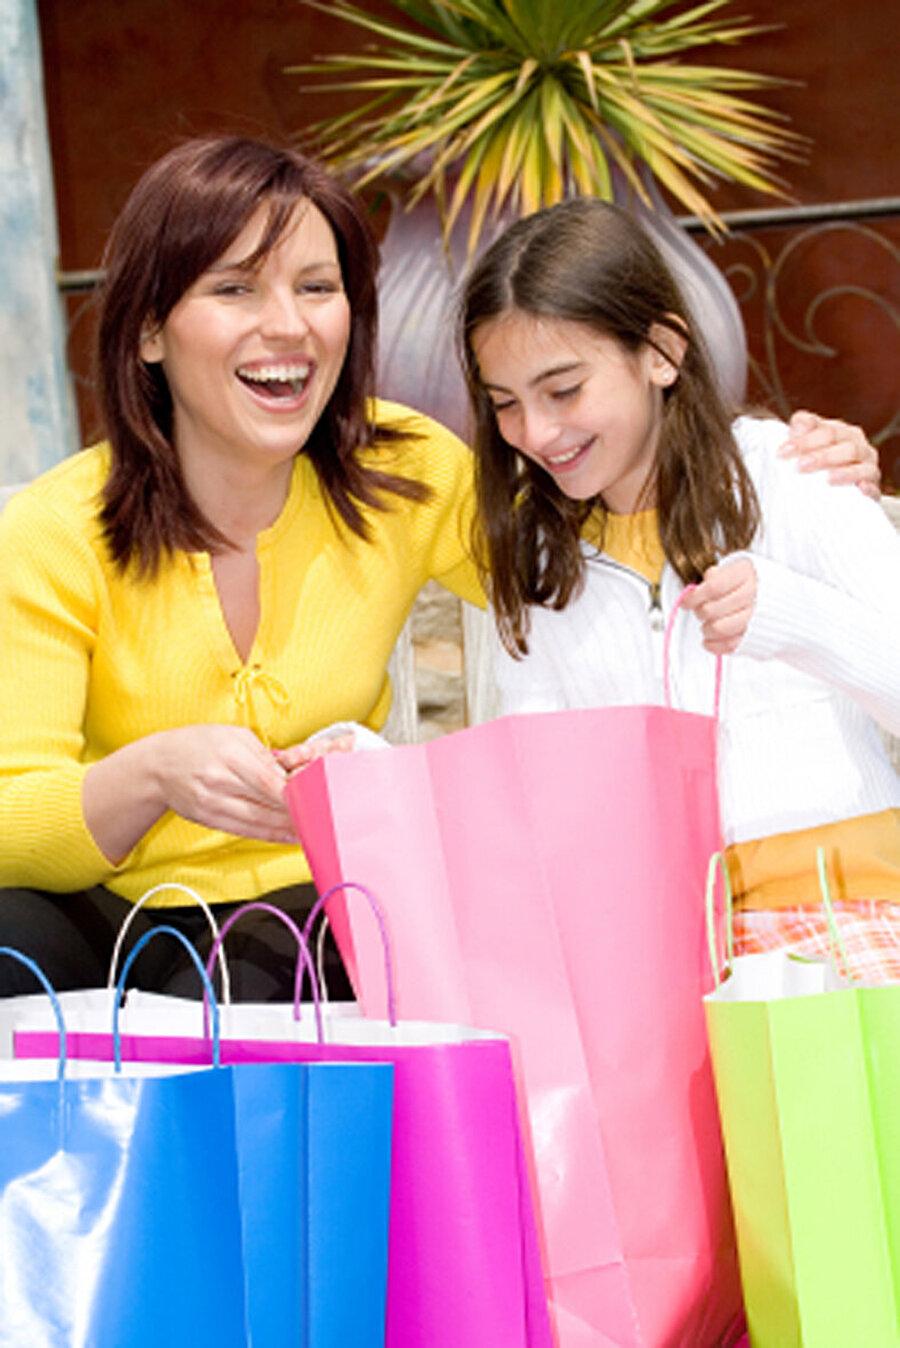 Alışveriş canavarları Kız çocuğu anneleri şanslıdır. Çünkü onlarla alışveriş yapmaktan sıkılmayacak birer arkadaşları vardır artık.